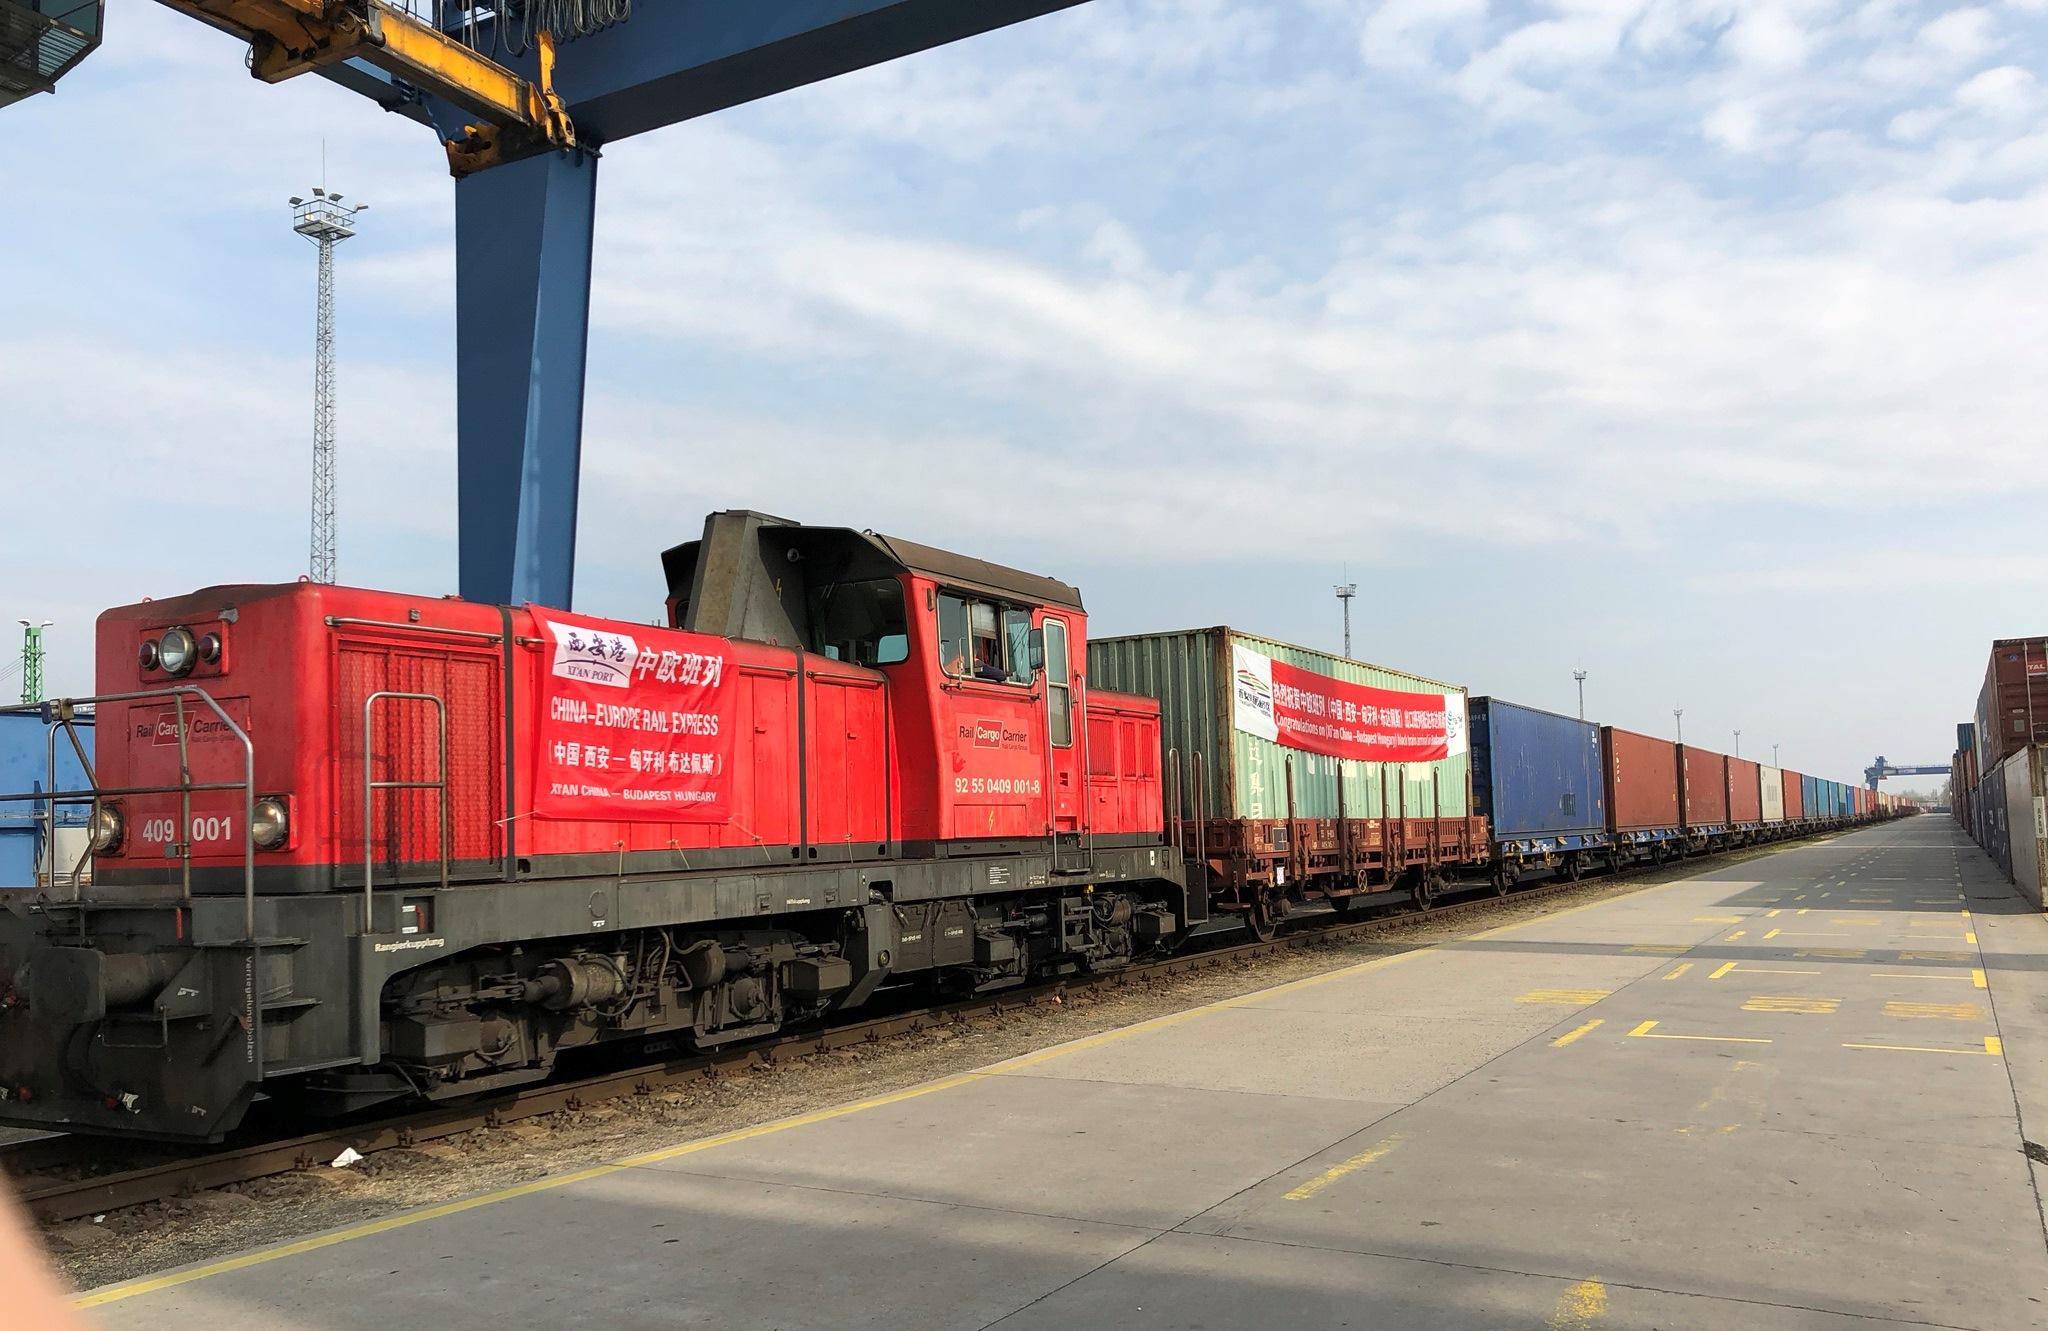 Megkezdődött a rendszeres vasúti konténerfuvarozás Hszian és a Rail Cargo Terminal - BILK között